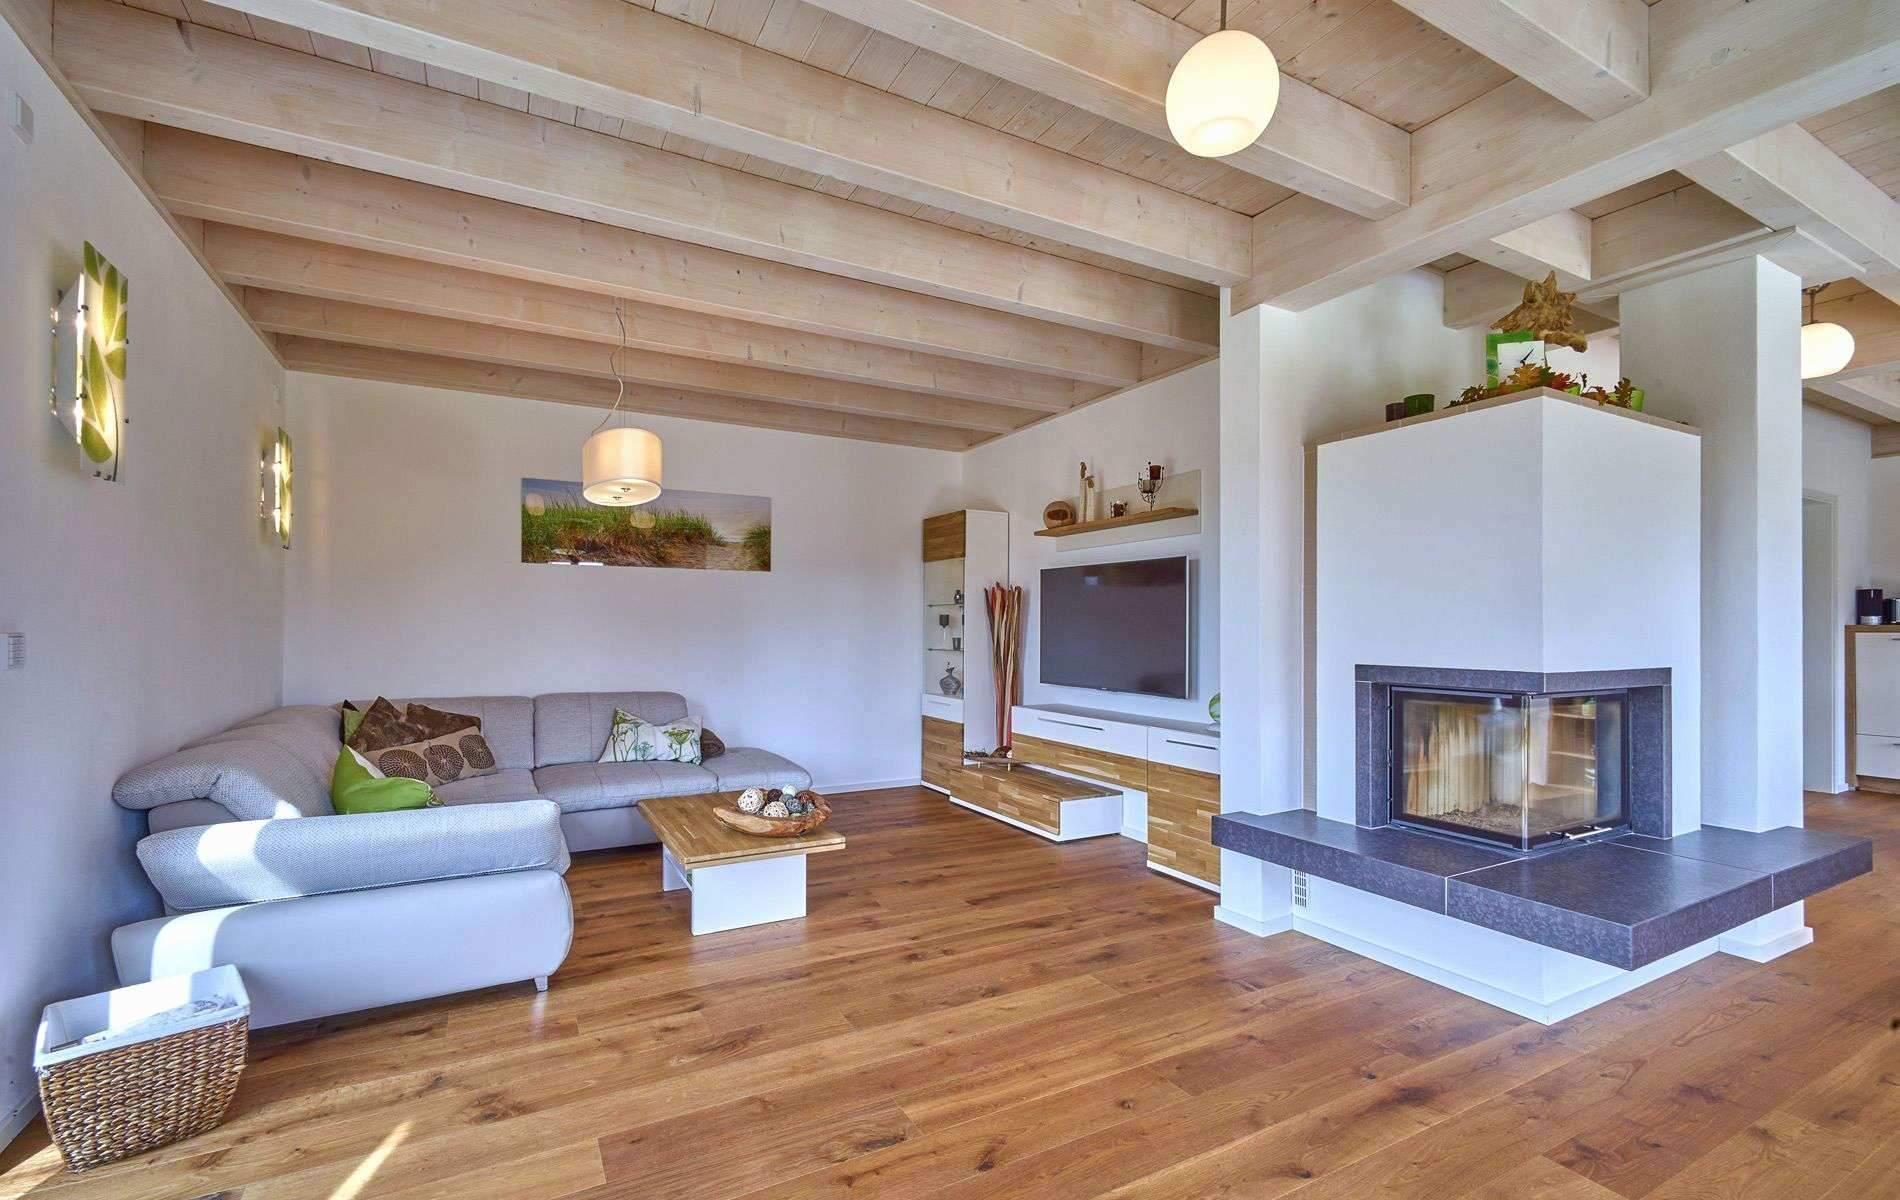 Wohnzimmer Einrichtung Modern Rustikal